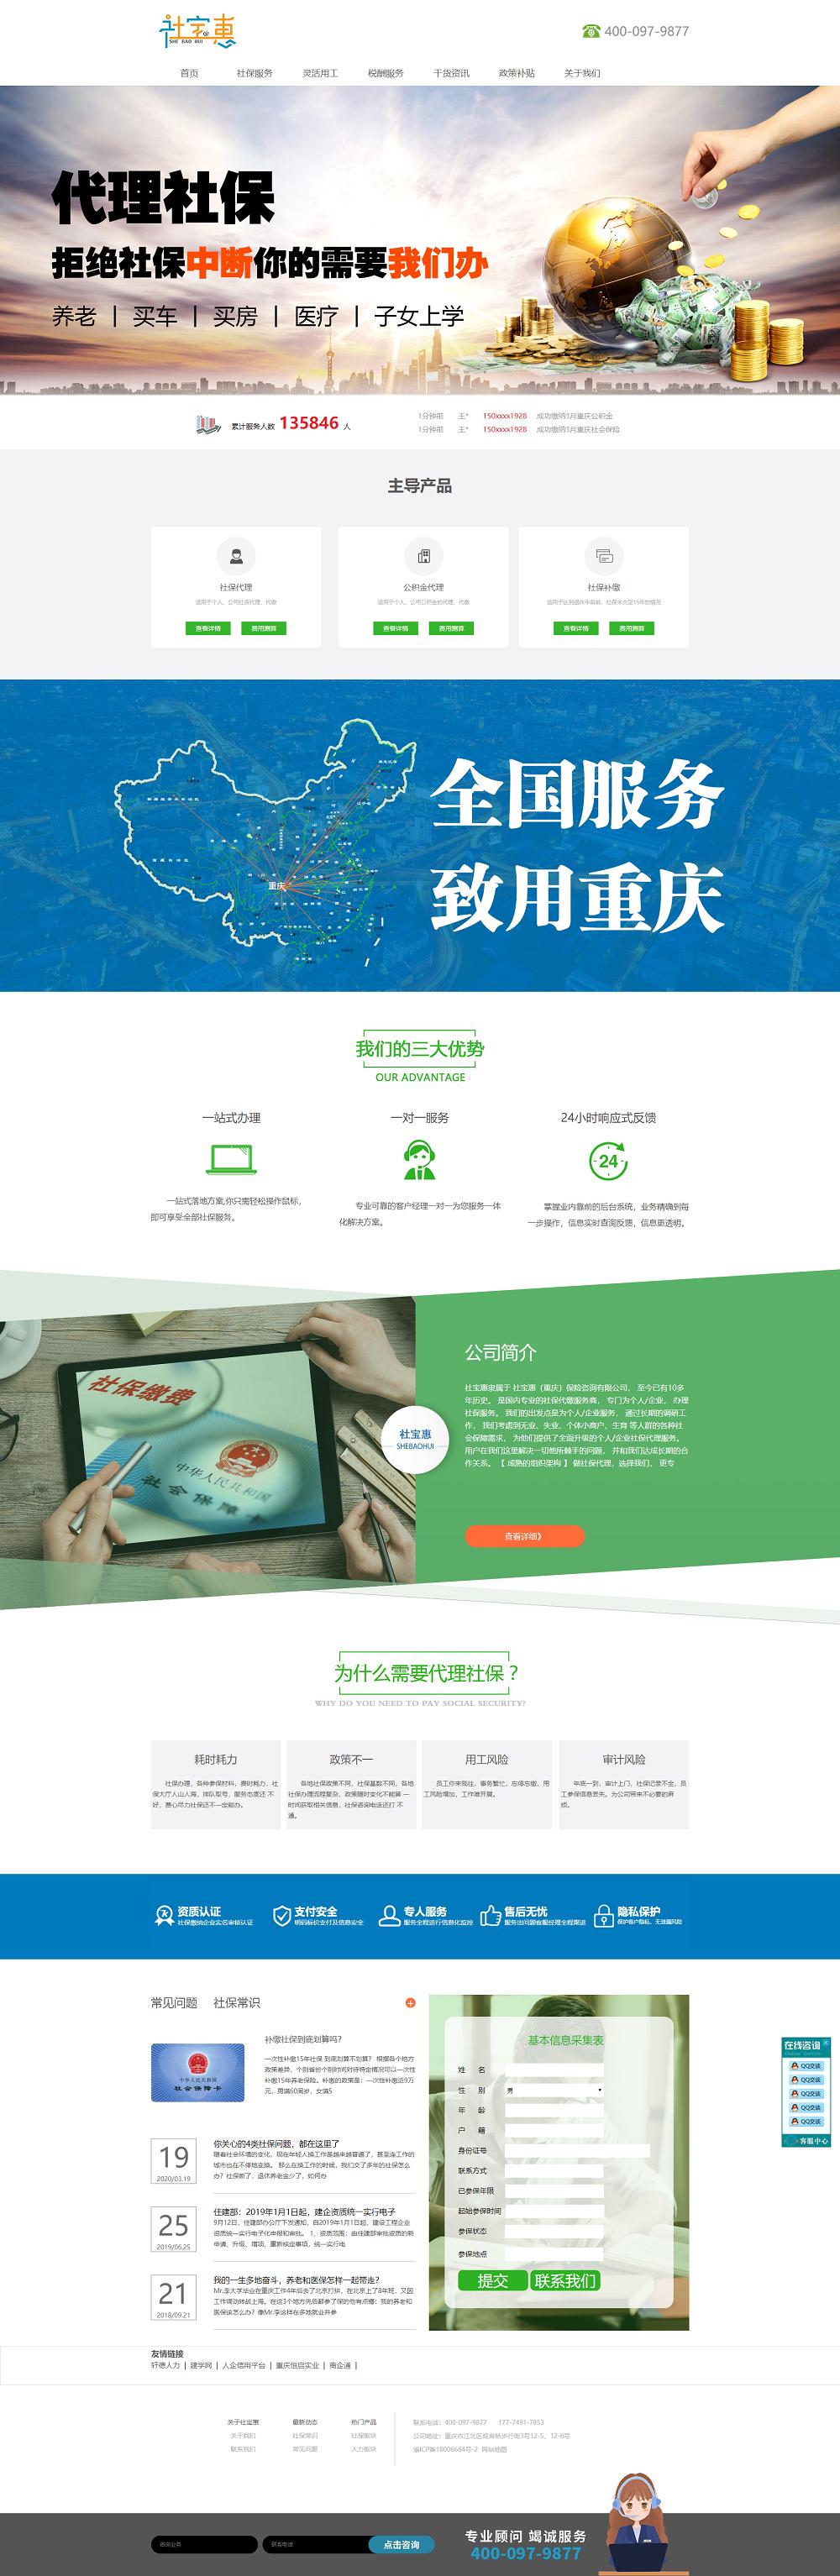 社宝惠(重庆)保险咨询有限公司网站建设案例